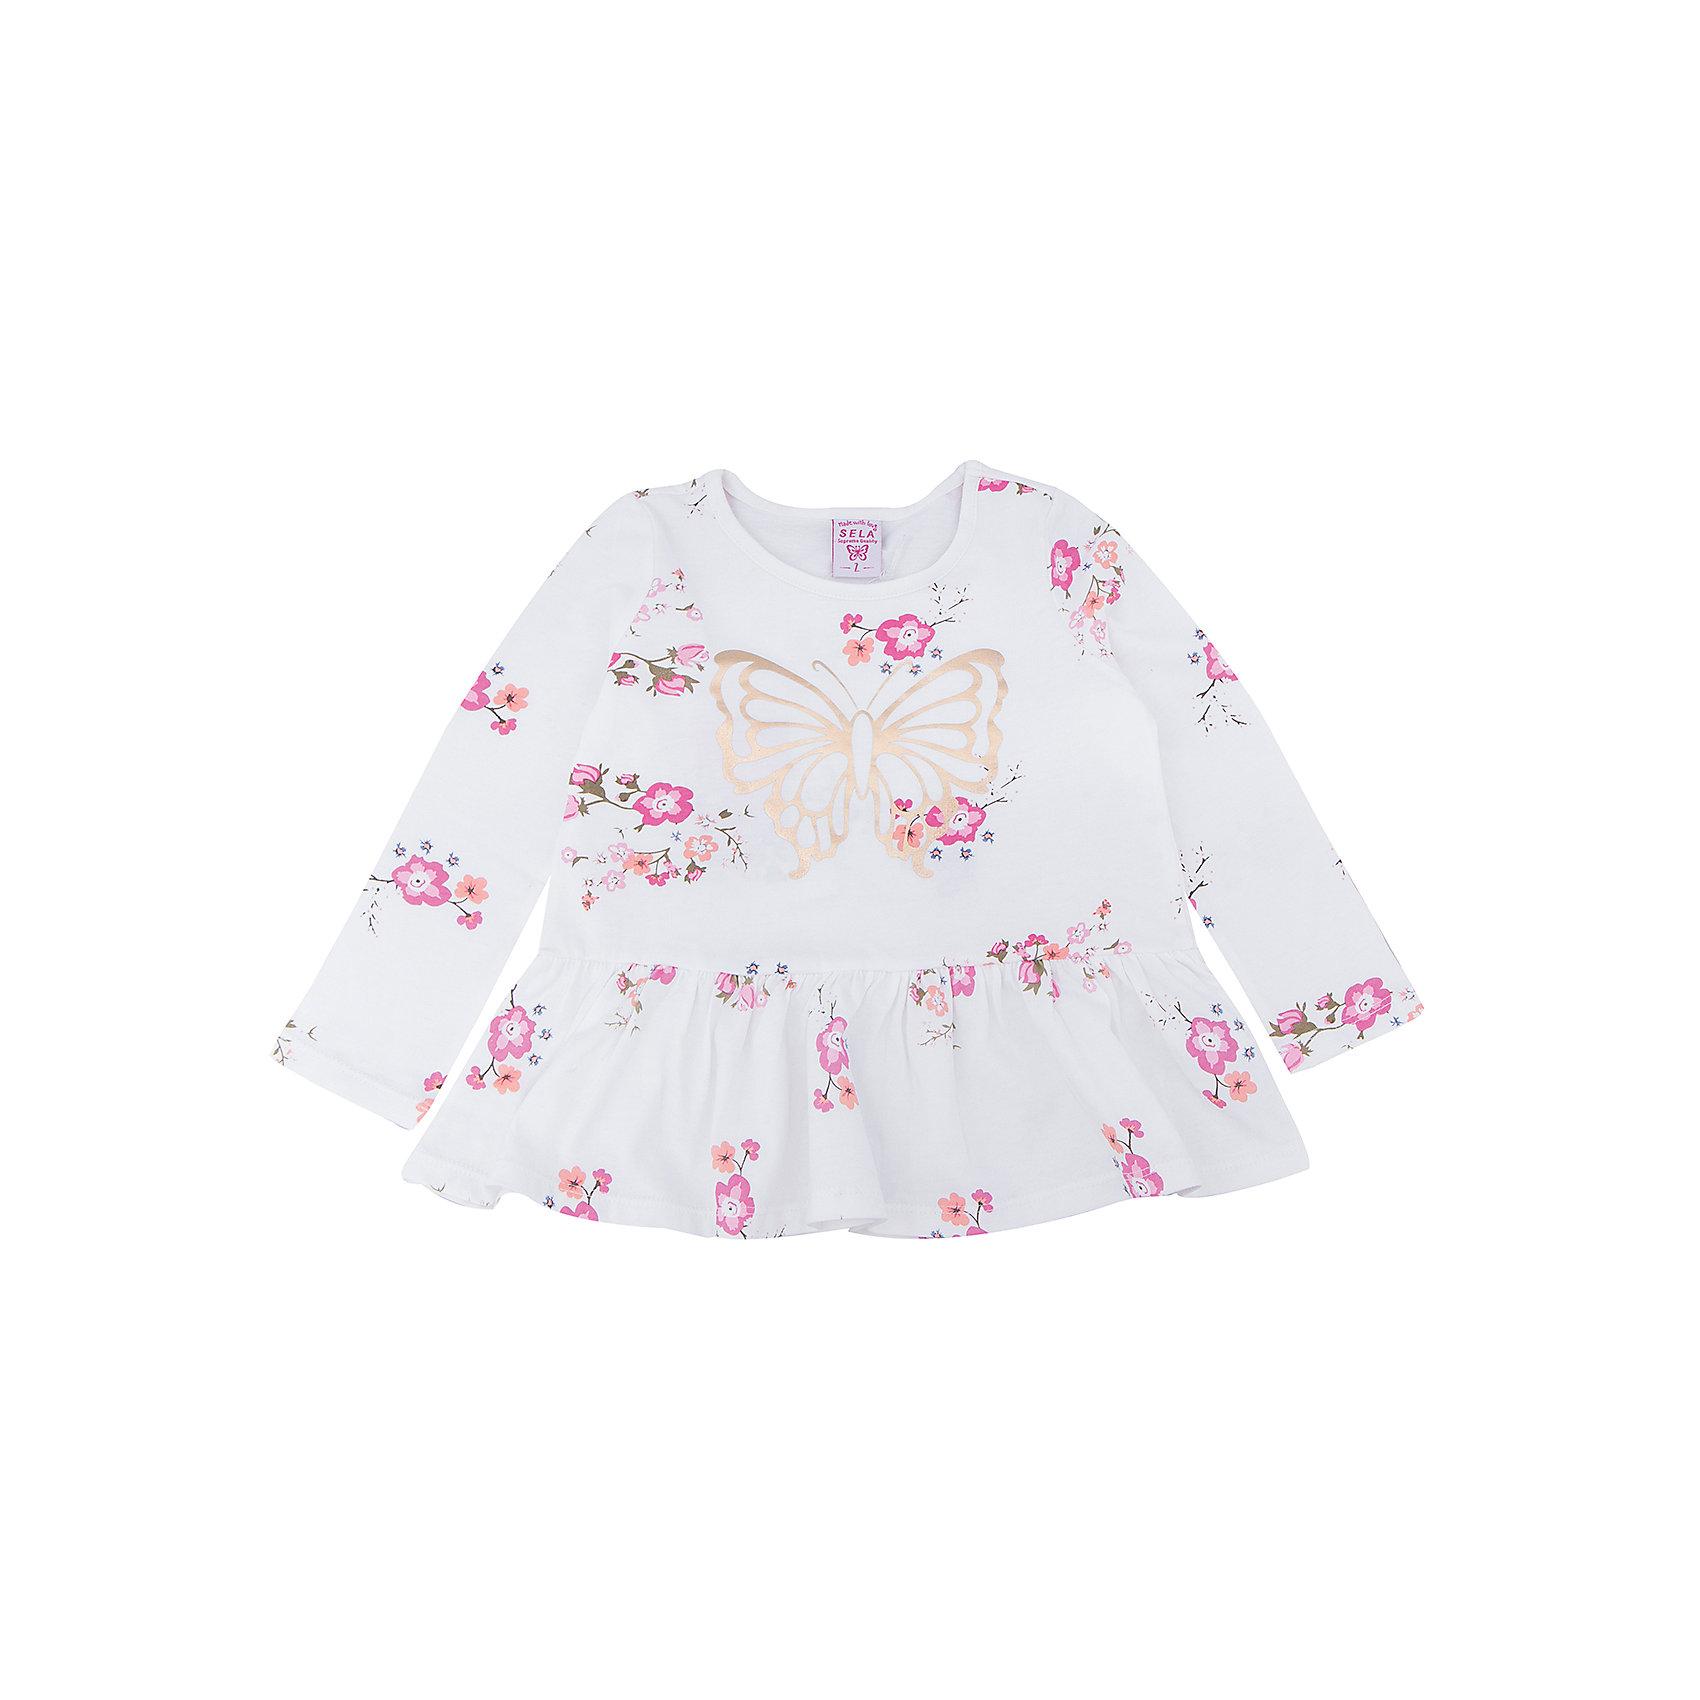 Платье для девочки SELAПлатье с принтом - очень модная вещь. Эта модель отлично сидит на ребенке, она смотрится стильно и нарядно. Приятная на ощупь ткань и качественная фурнитура обеспечивает ребенку комфорт. Модель станет отличной базовой вещью, которая будет уместна в различных сочетаниях.<br>Одежда от бренда Sela (Села) - это качество по приемлемым ценам. Многие российские родители уже оценили преимущества продукции этой компании и всё чаще приобретают одежду и аксессуары Sela.<br><br>Дополнительная информация:<br><br>цвет: молочный;<br>материал: 100% хлопок;<br>с принтом;<br>длинный рукав.<br><br>Платье для девочки от бренда Sela можно купить в нашем интернет-магазине.<br><br>Ширина мм: 236<br>Глубина мм: 16<br>Высота мм: 184<br>Вес г: 177<br>Цвет: белый<br>Возраст от месяцев: 60<br>Возраст до месяцев: 72<br>Пол: Женский<br>Возраст: Детский<br>Размер: 116,92,98,104,110<br>SKU: 5020389